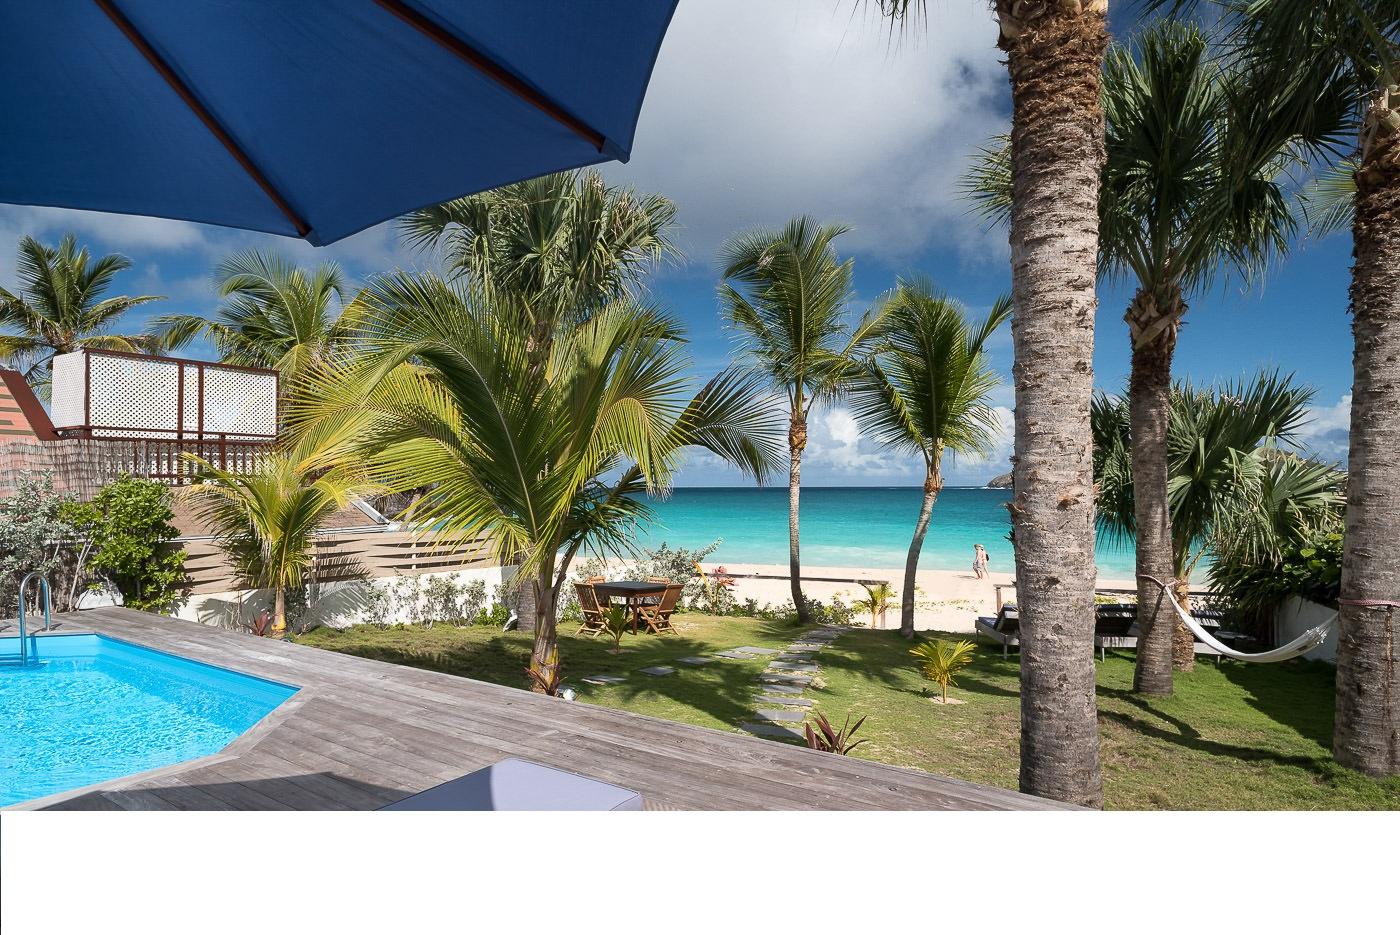 Location vacances st barth l my villa sur la plage de - La villa rahimona en nouvelle zelande ...